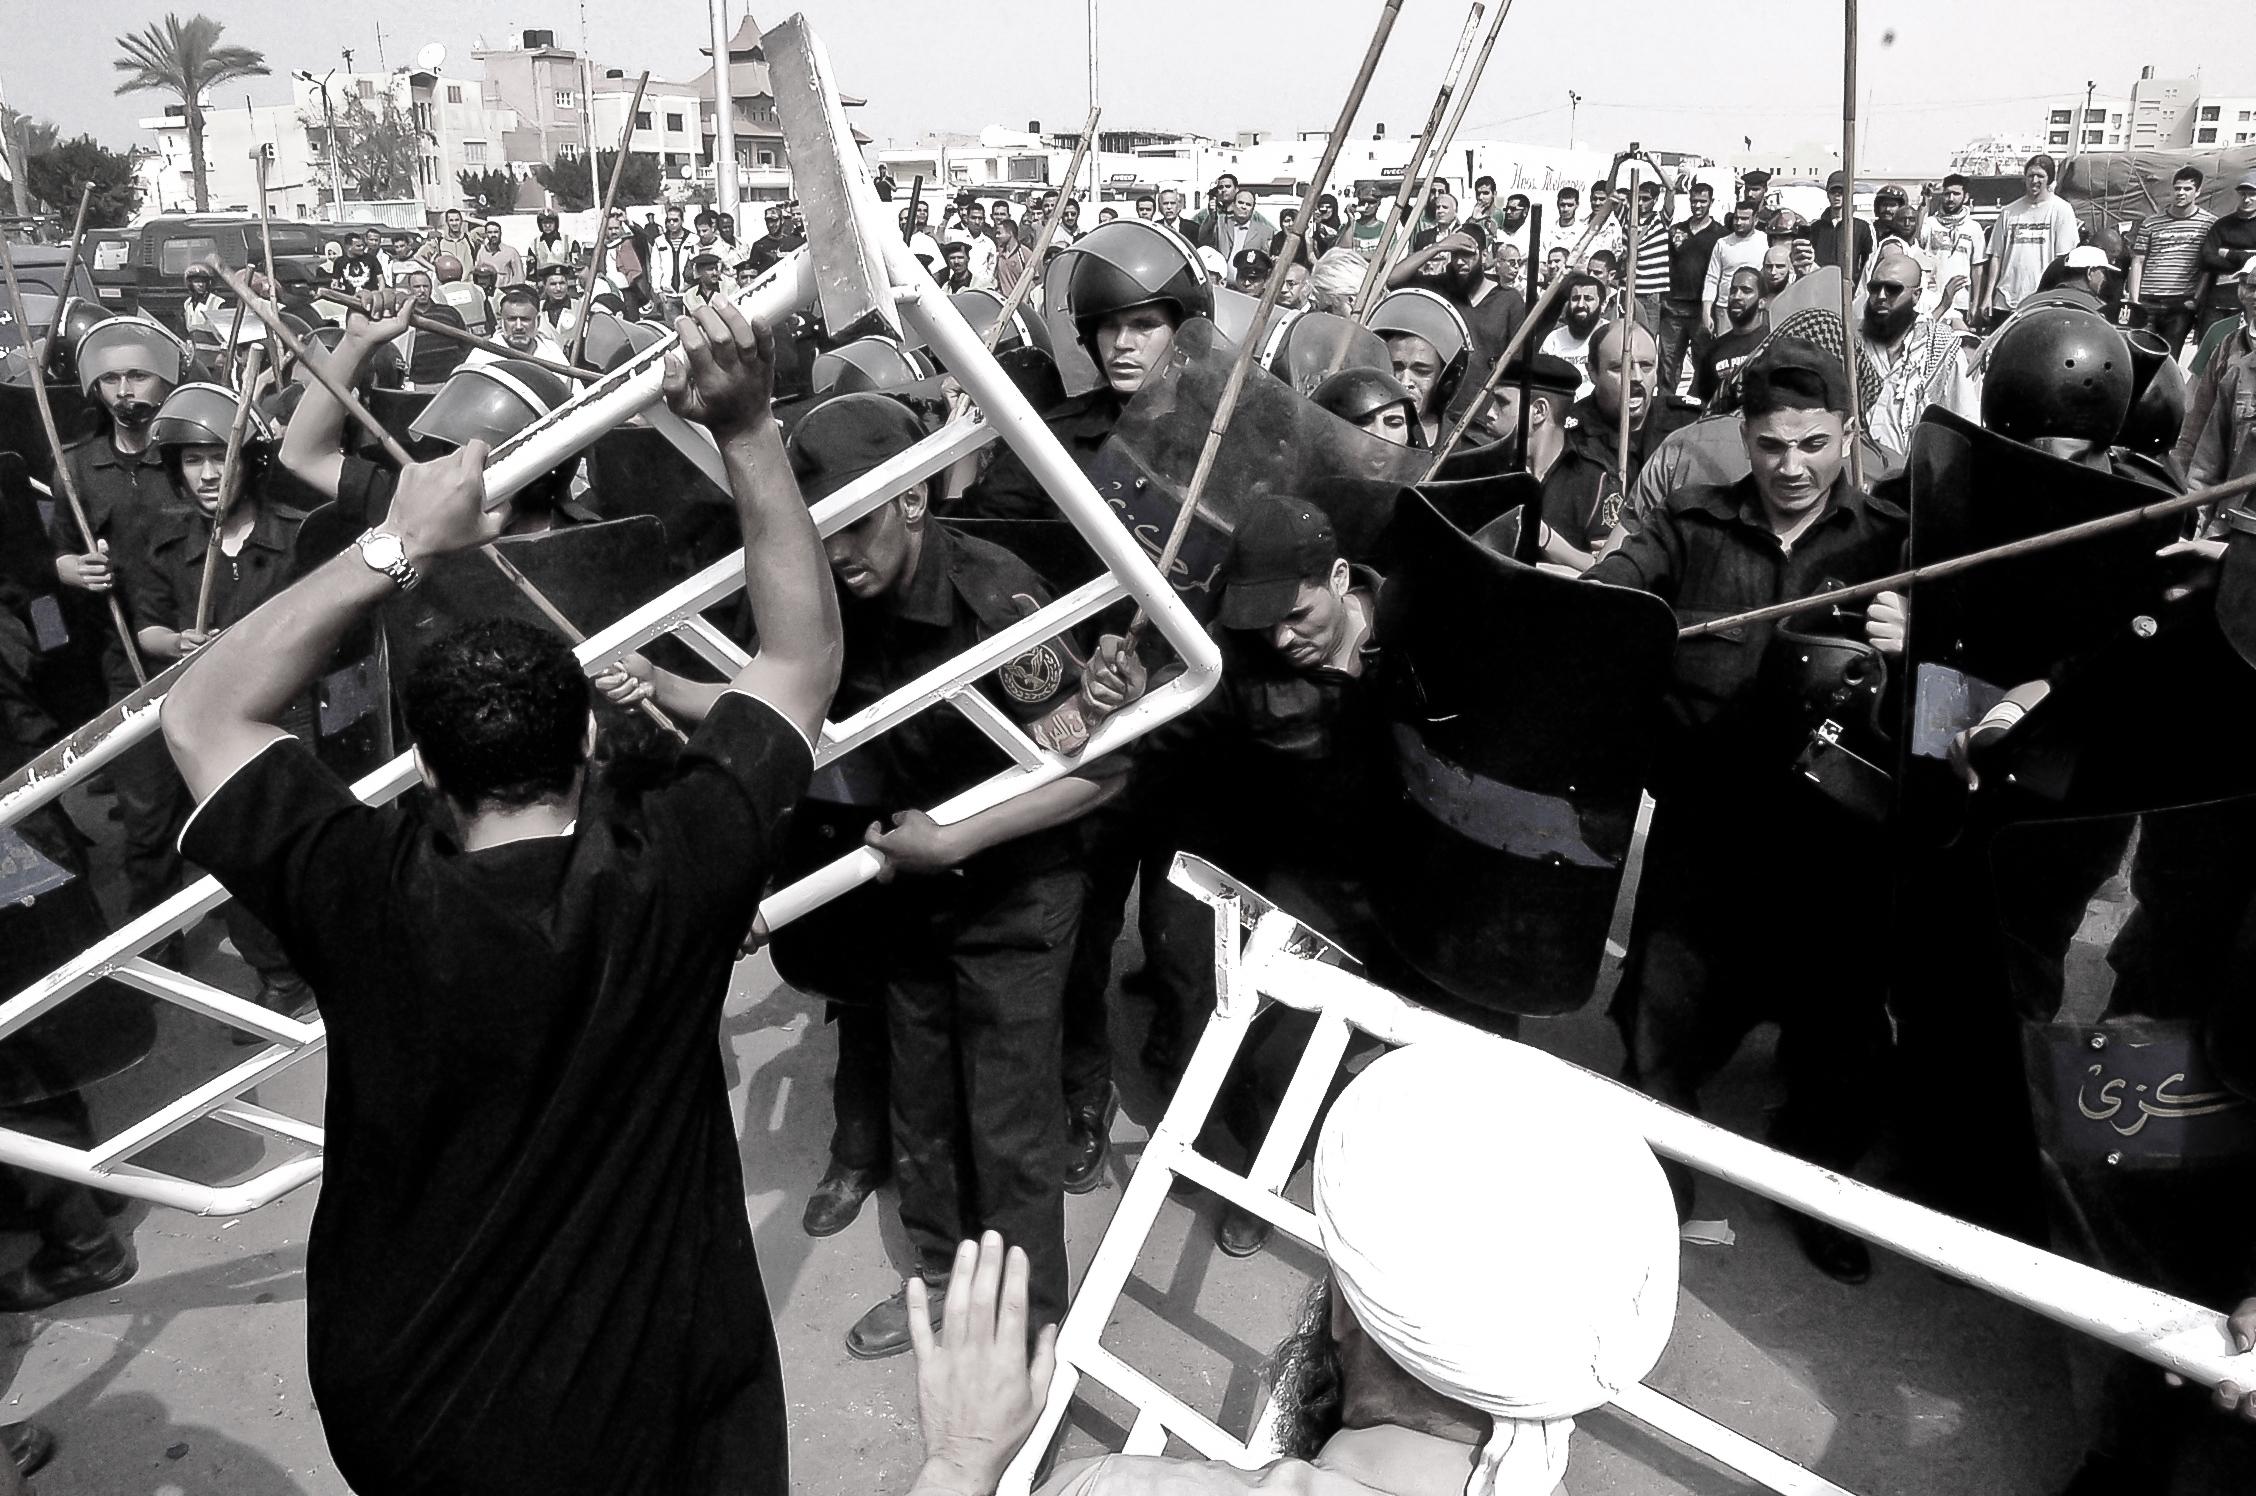 Gaza 2009